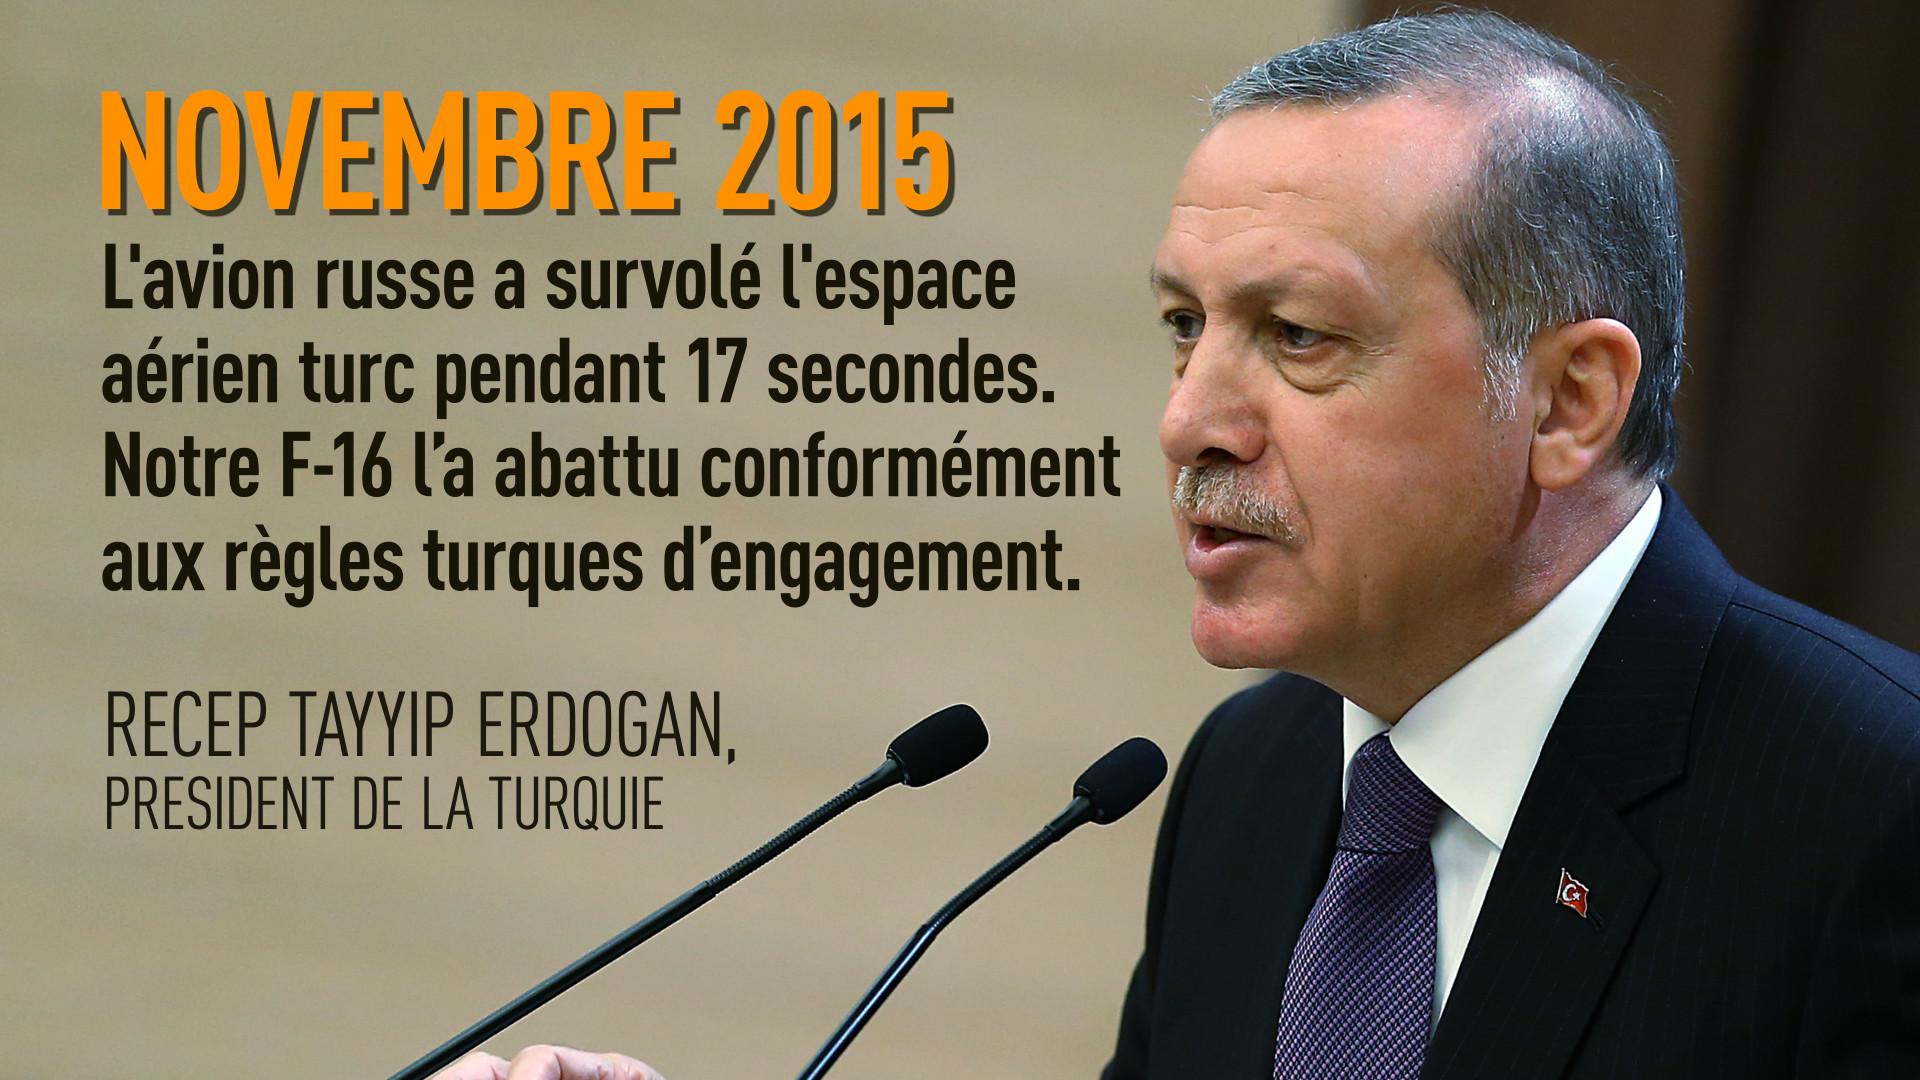 En cas de violation de votre espace aérien, quand c'est la faute de la Turquie ça ne compte pas